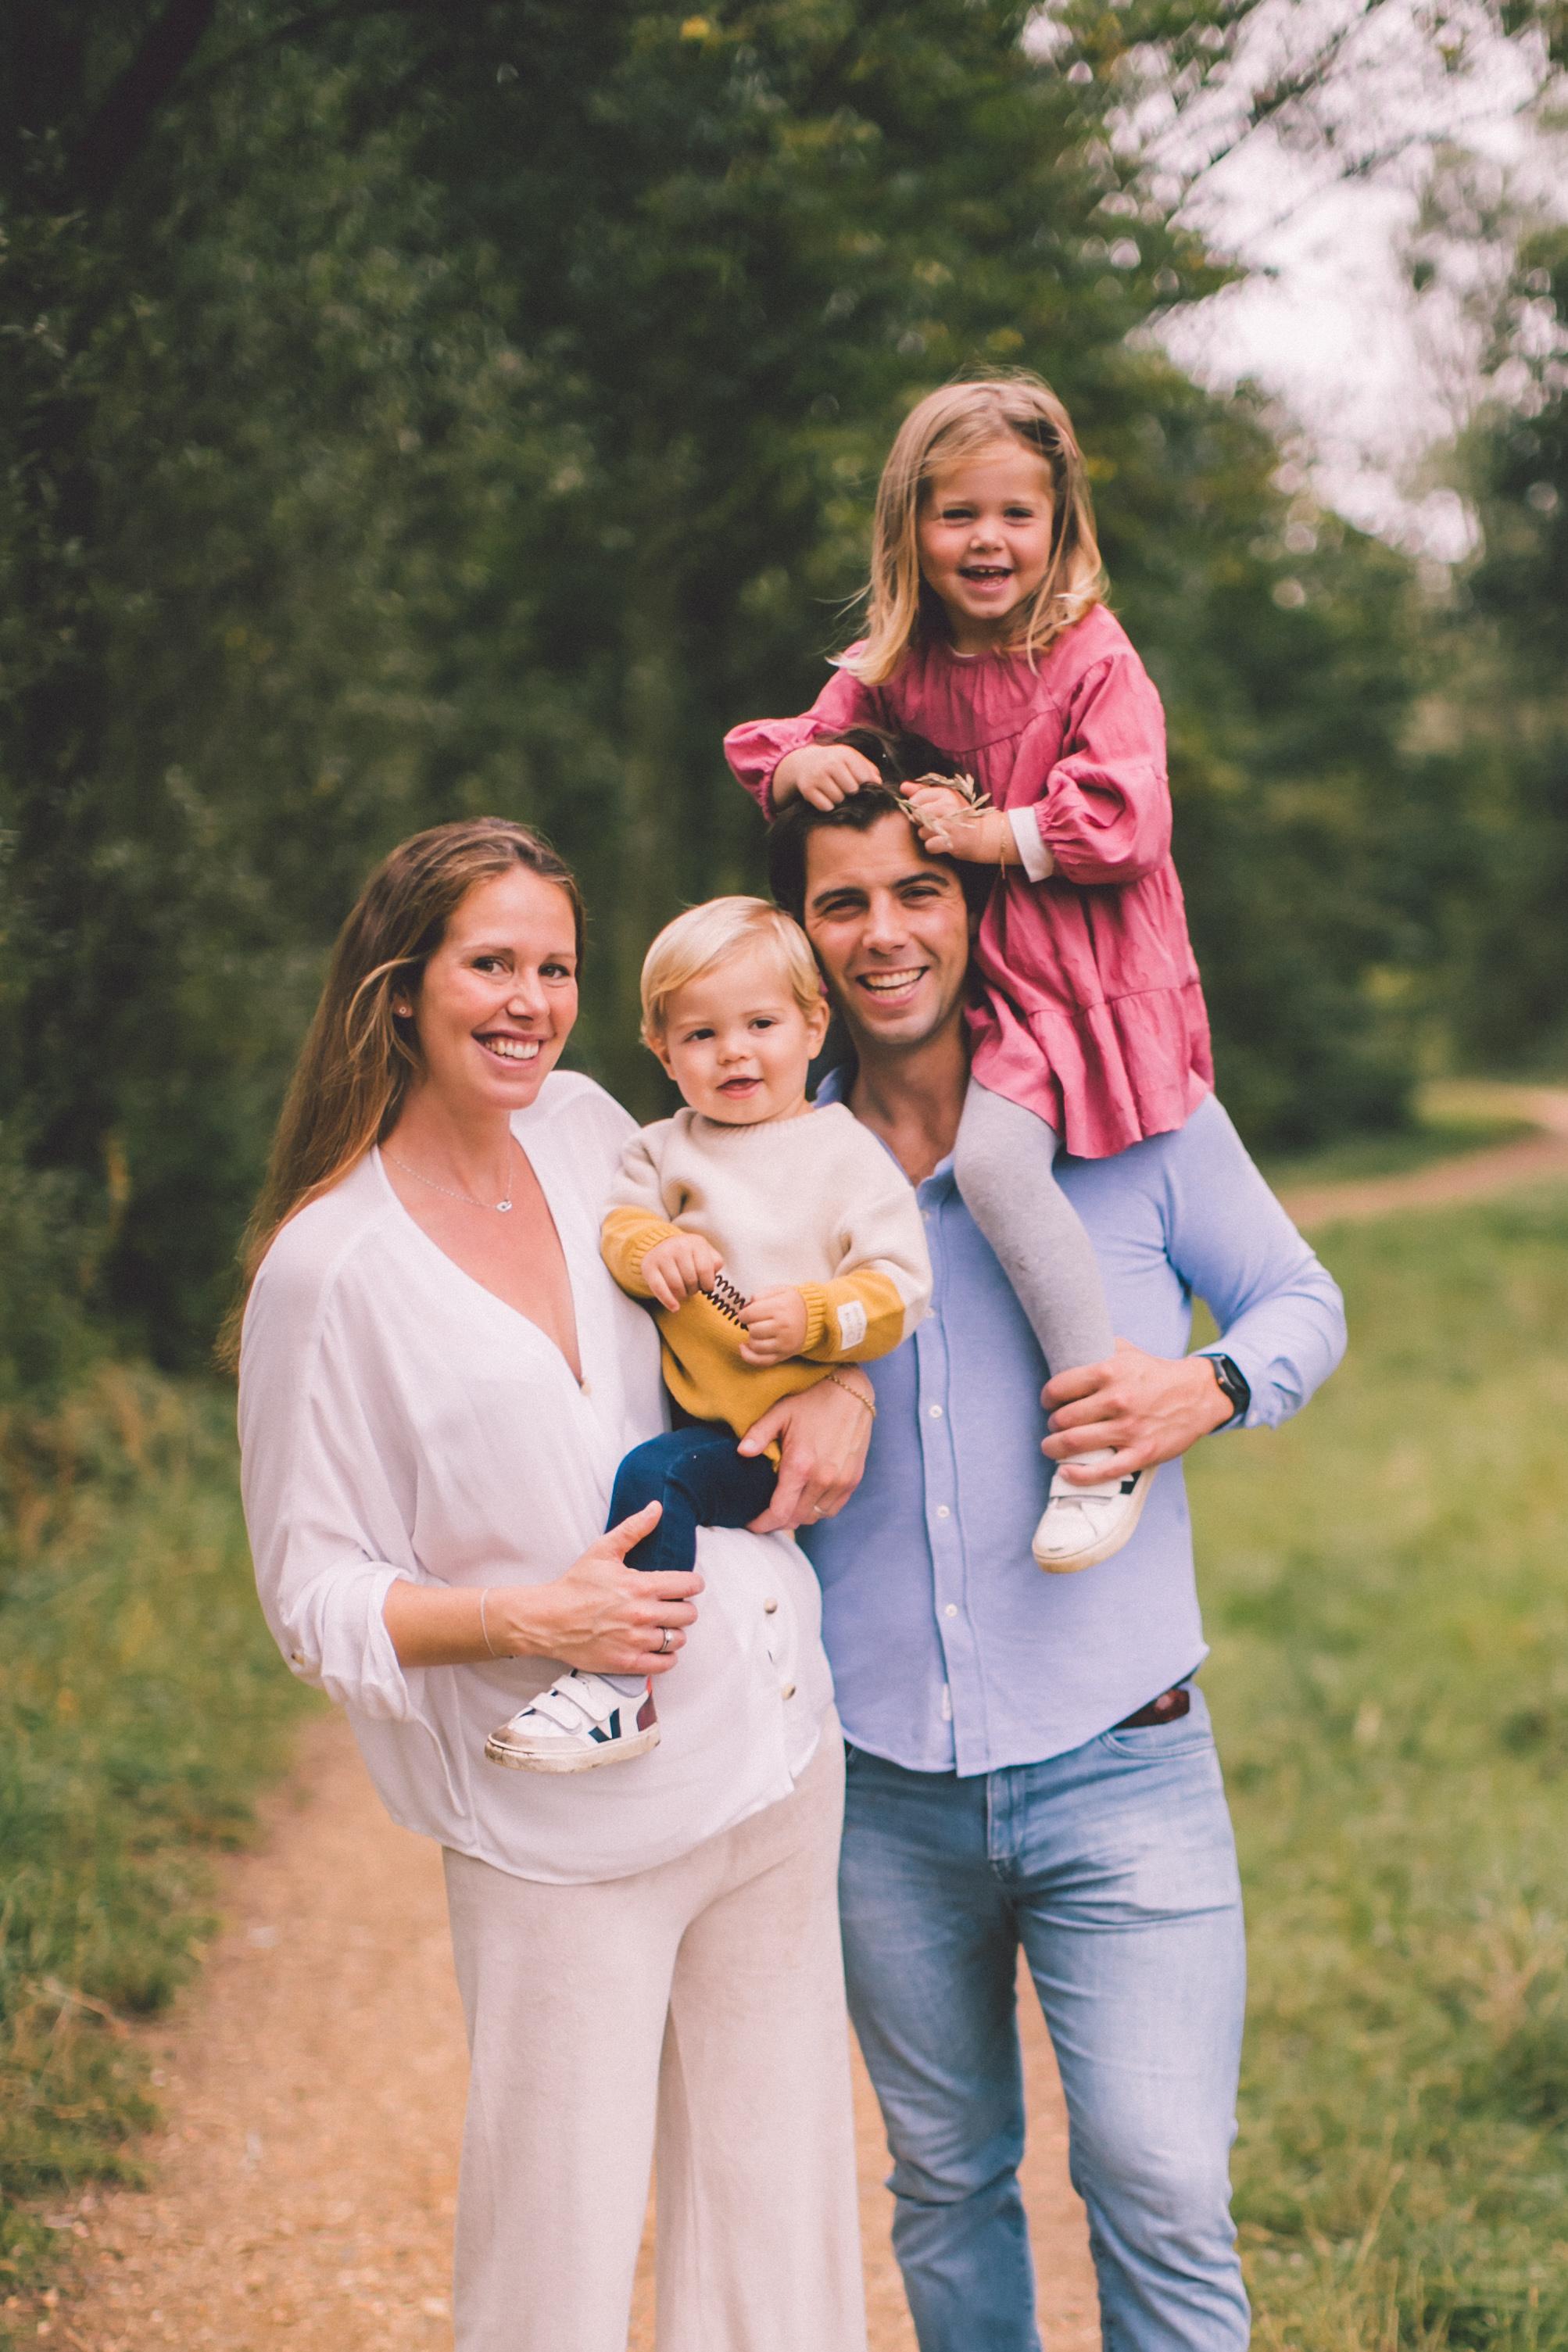 FAMILIE VAN GUCHT-1419